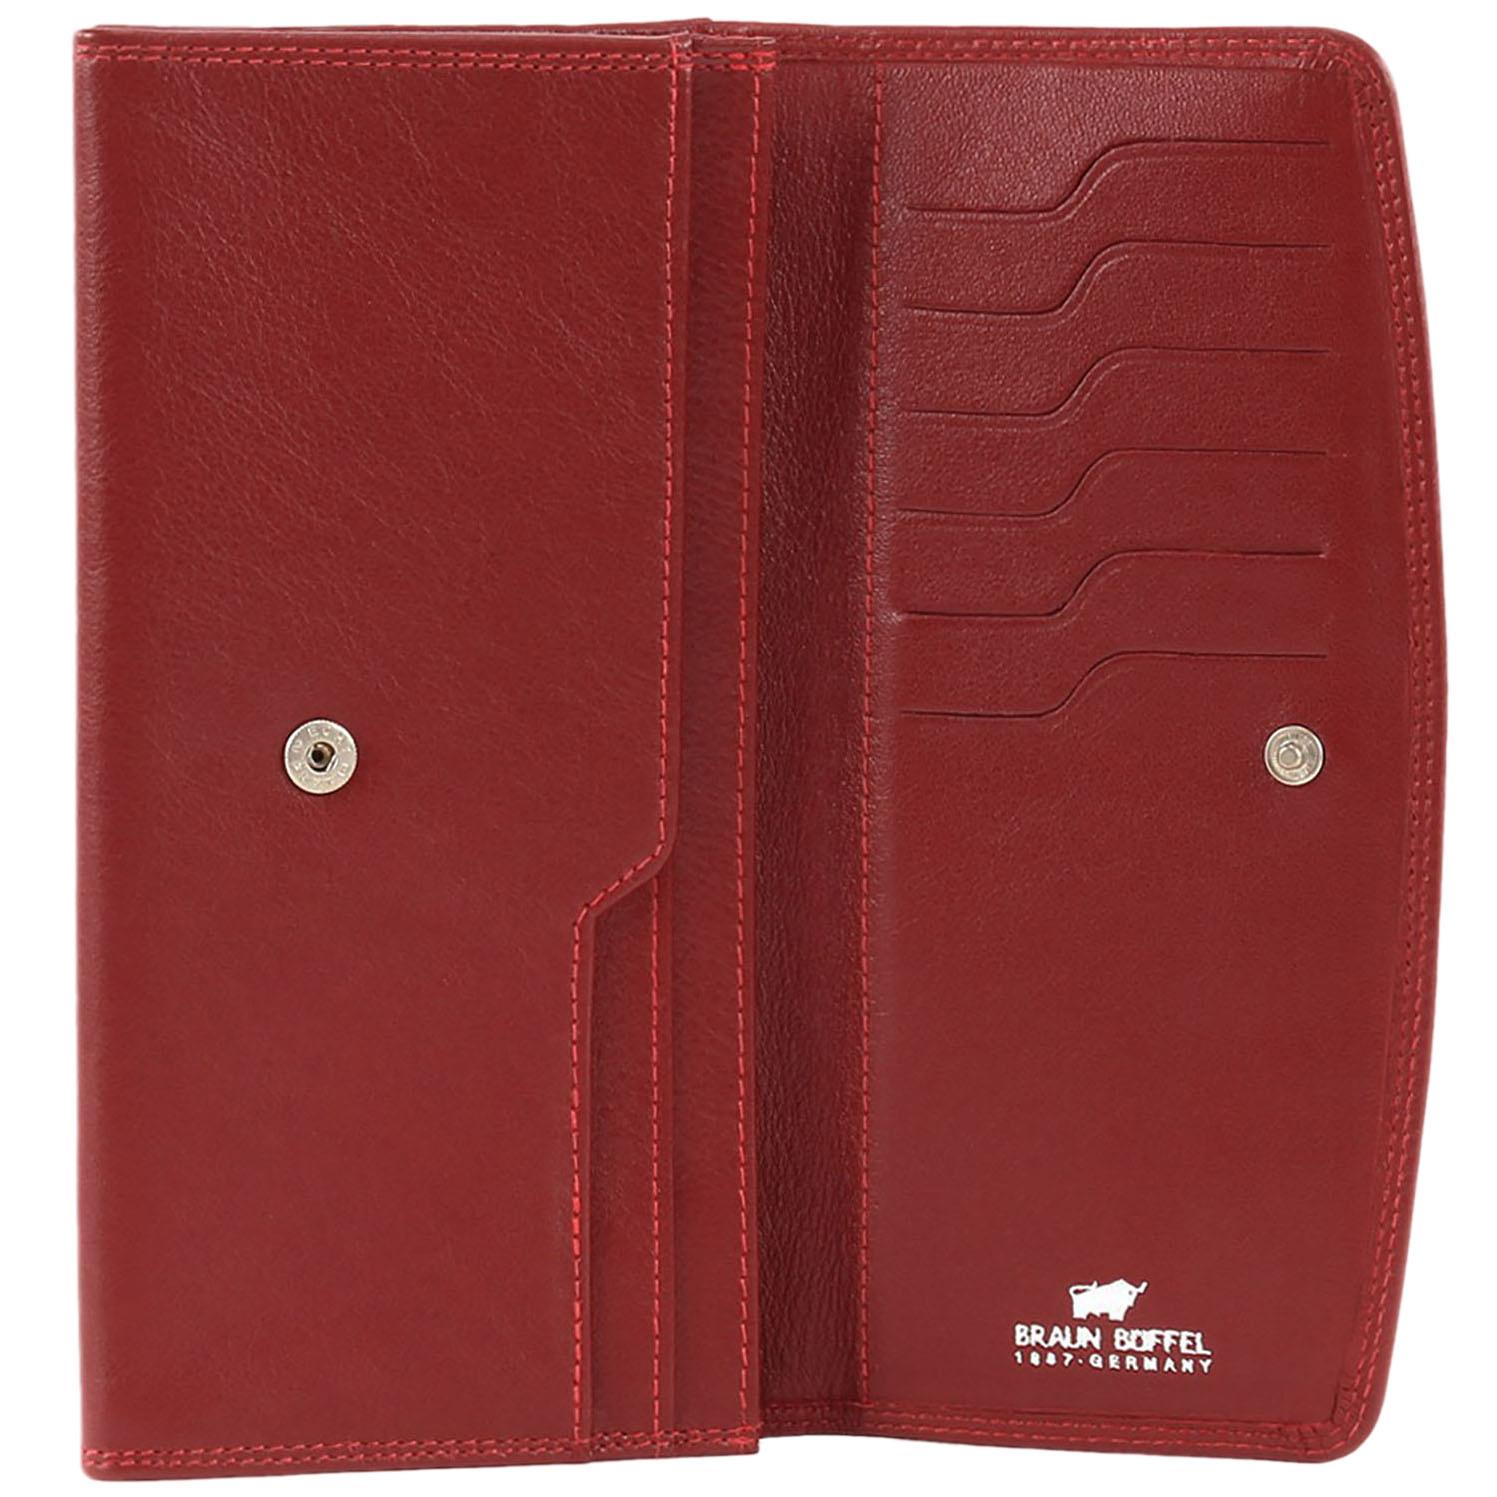 Портмоне женское Braun Bueffel Golf в красном цвете